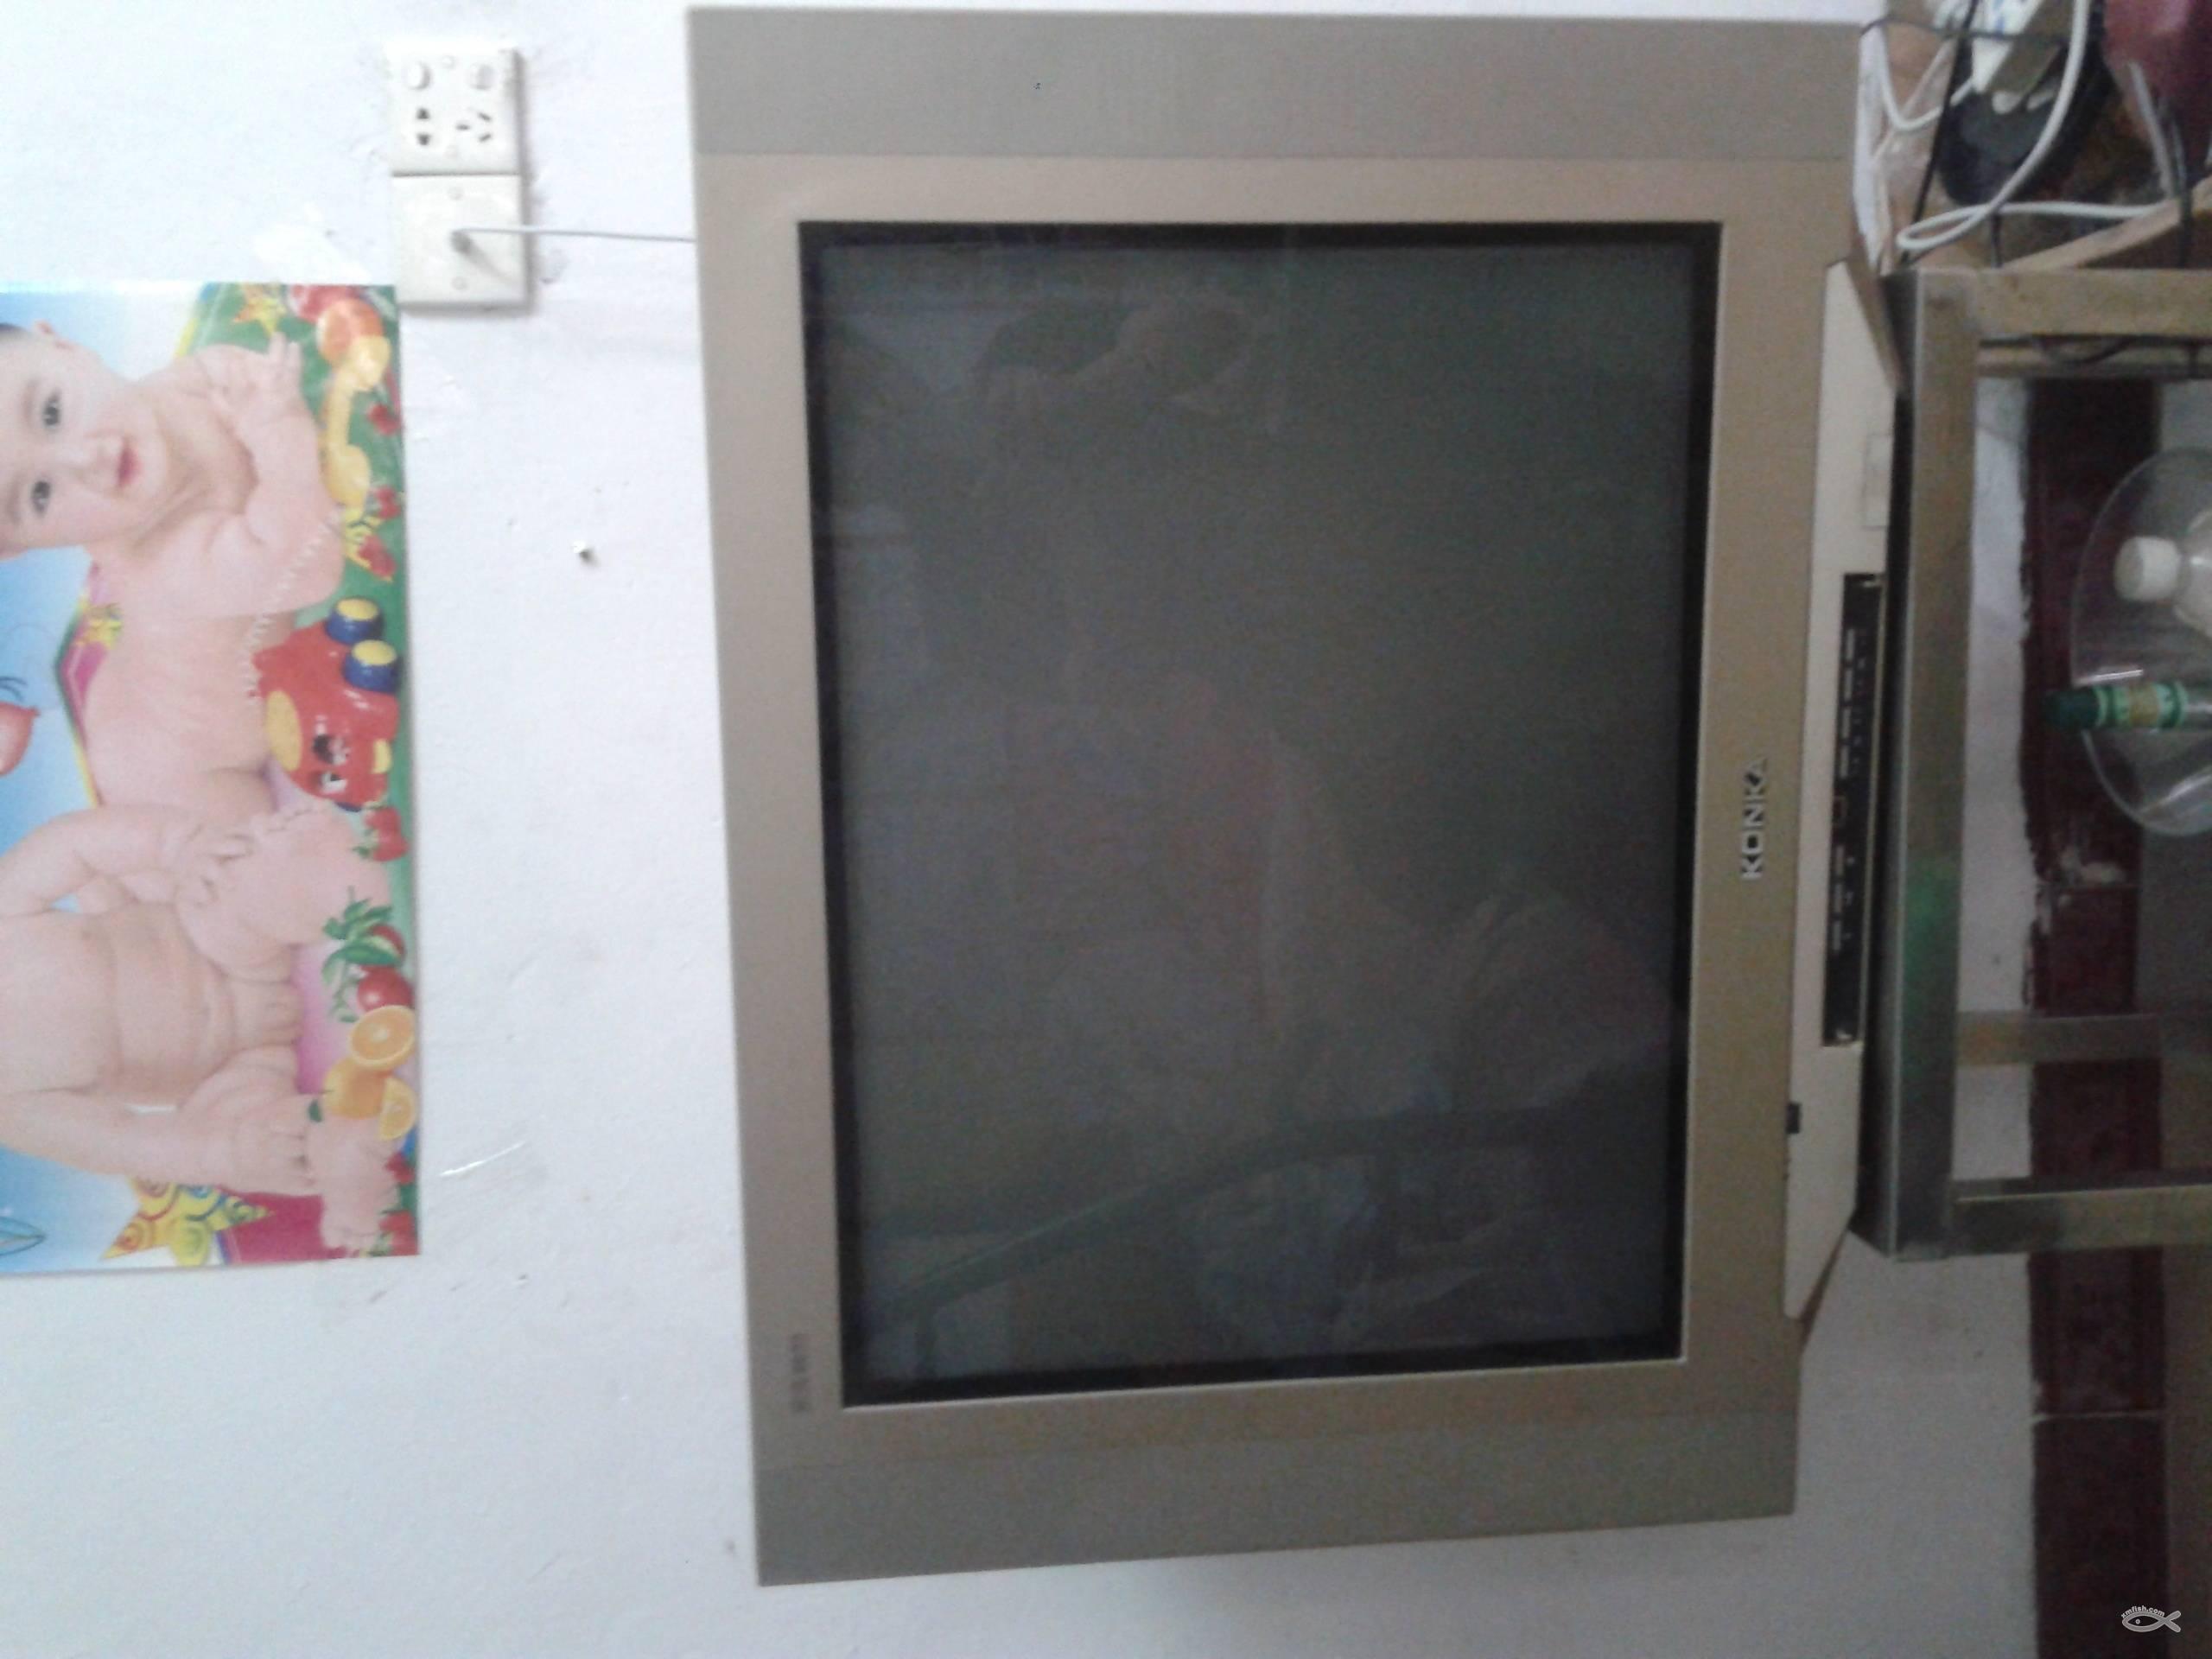 300元一台-29寸康佳彩色电视机转让-纯平彩电-大屁股